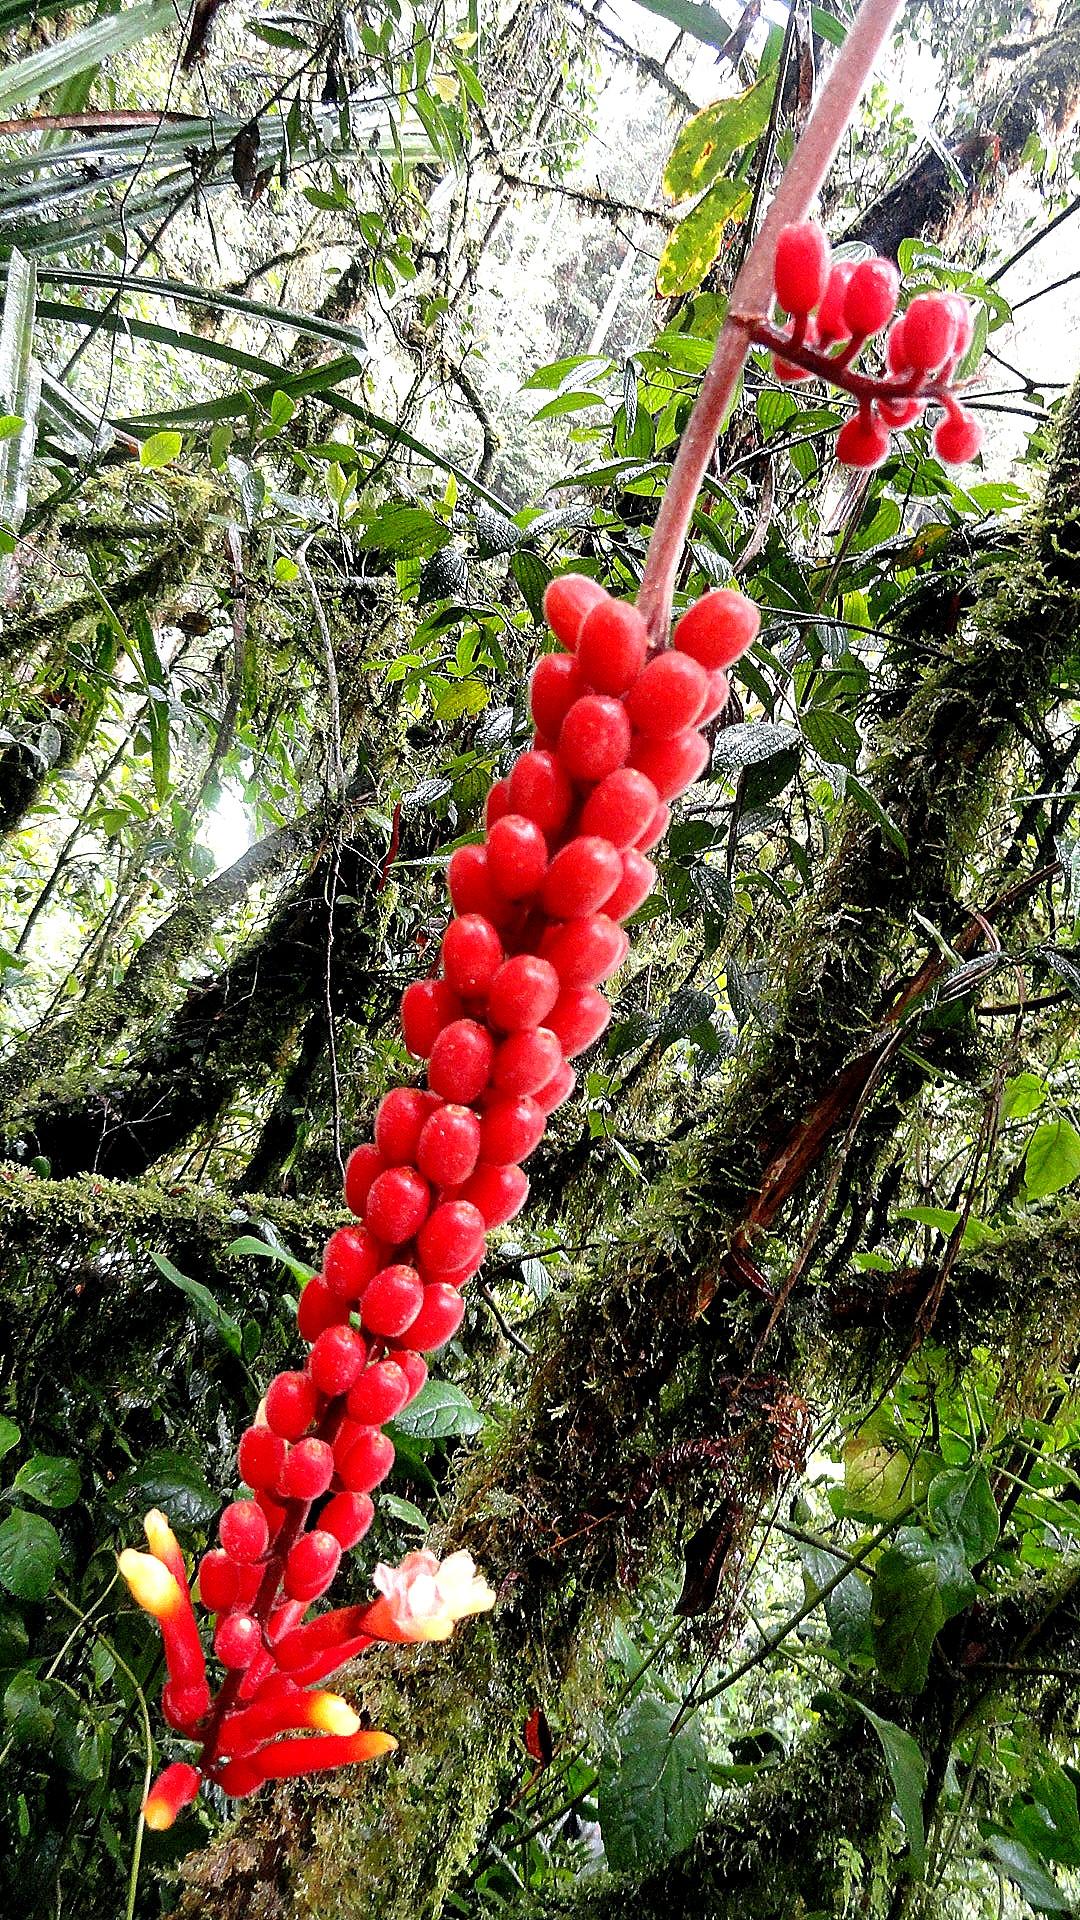 Ambua - Berries & Mossy Trees